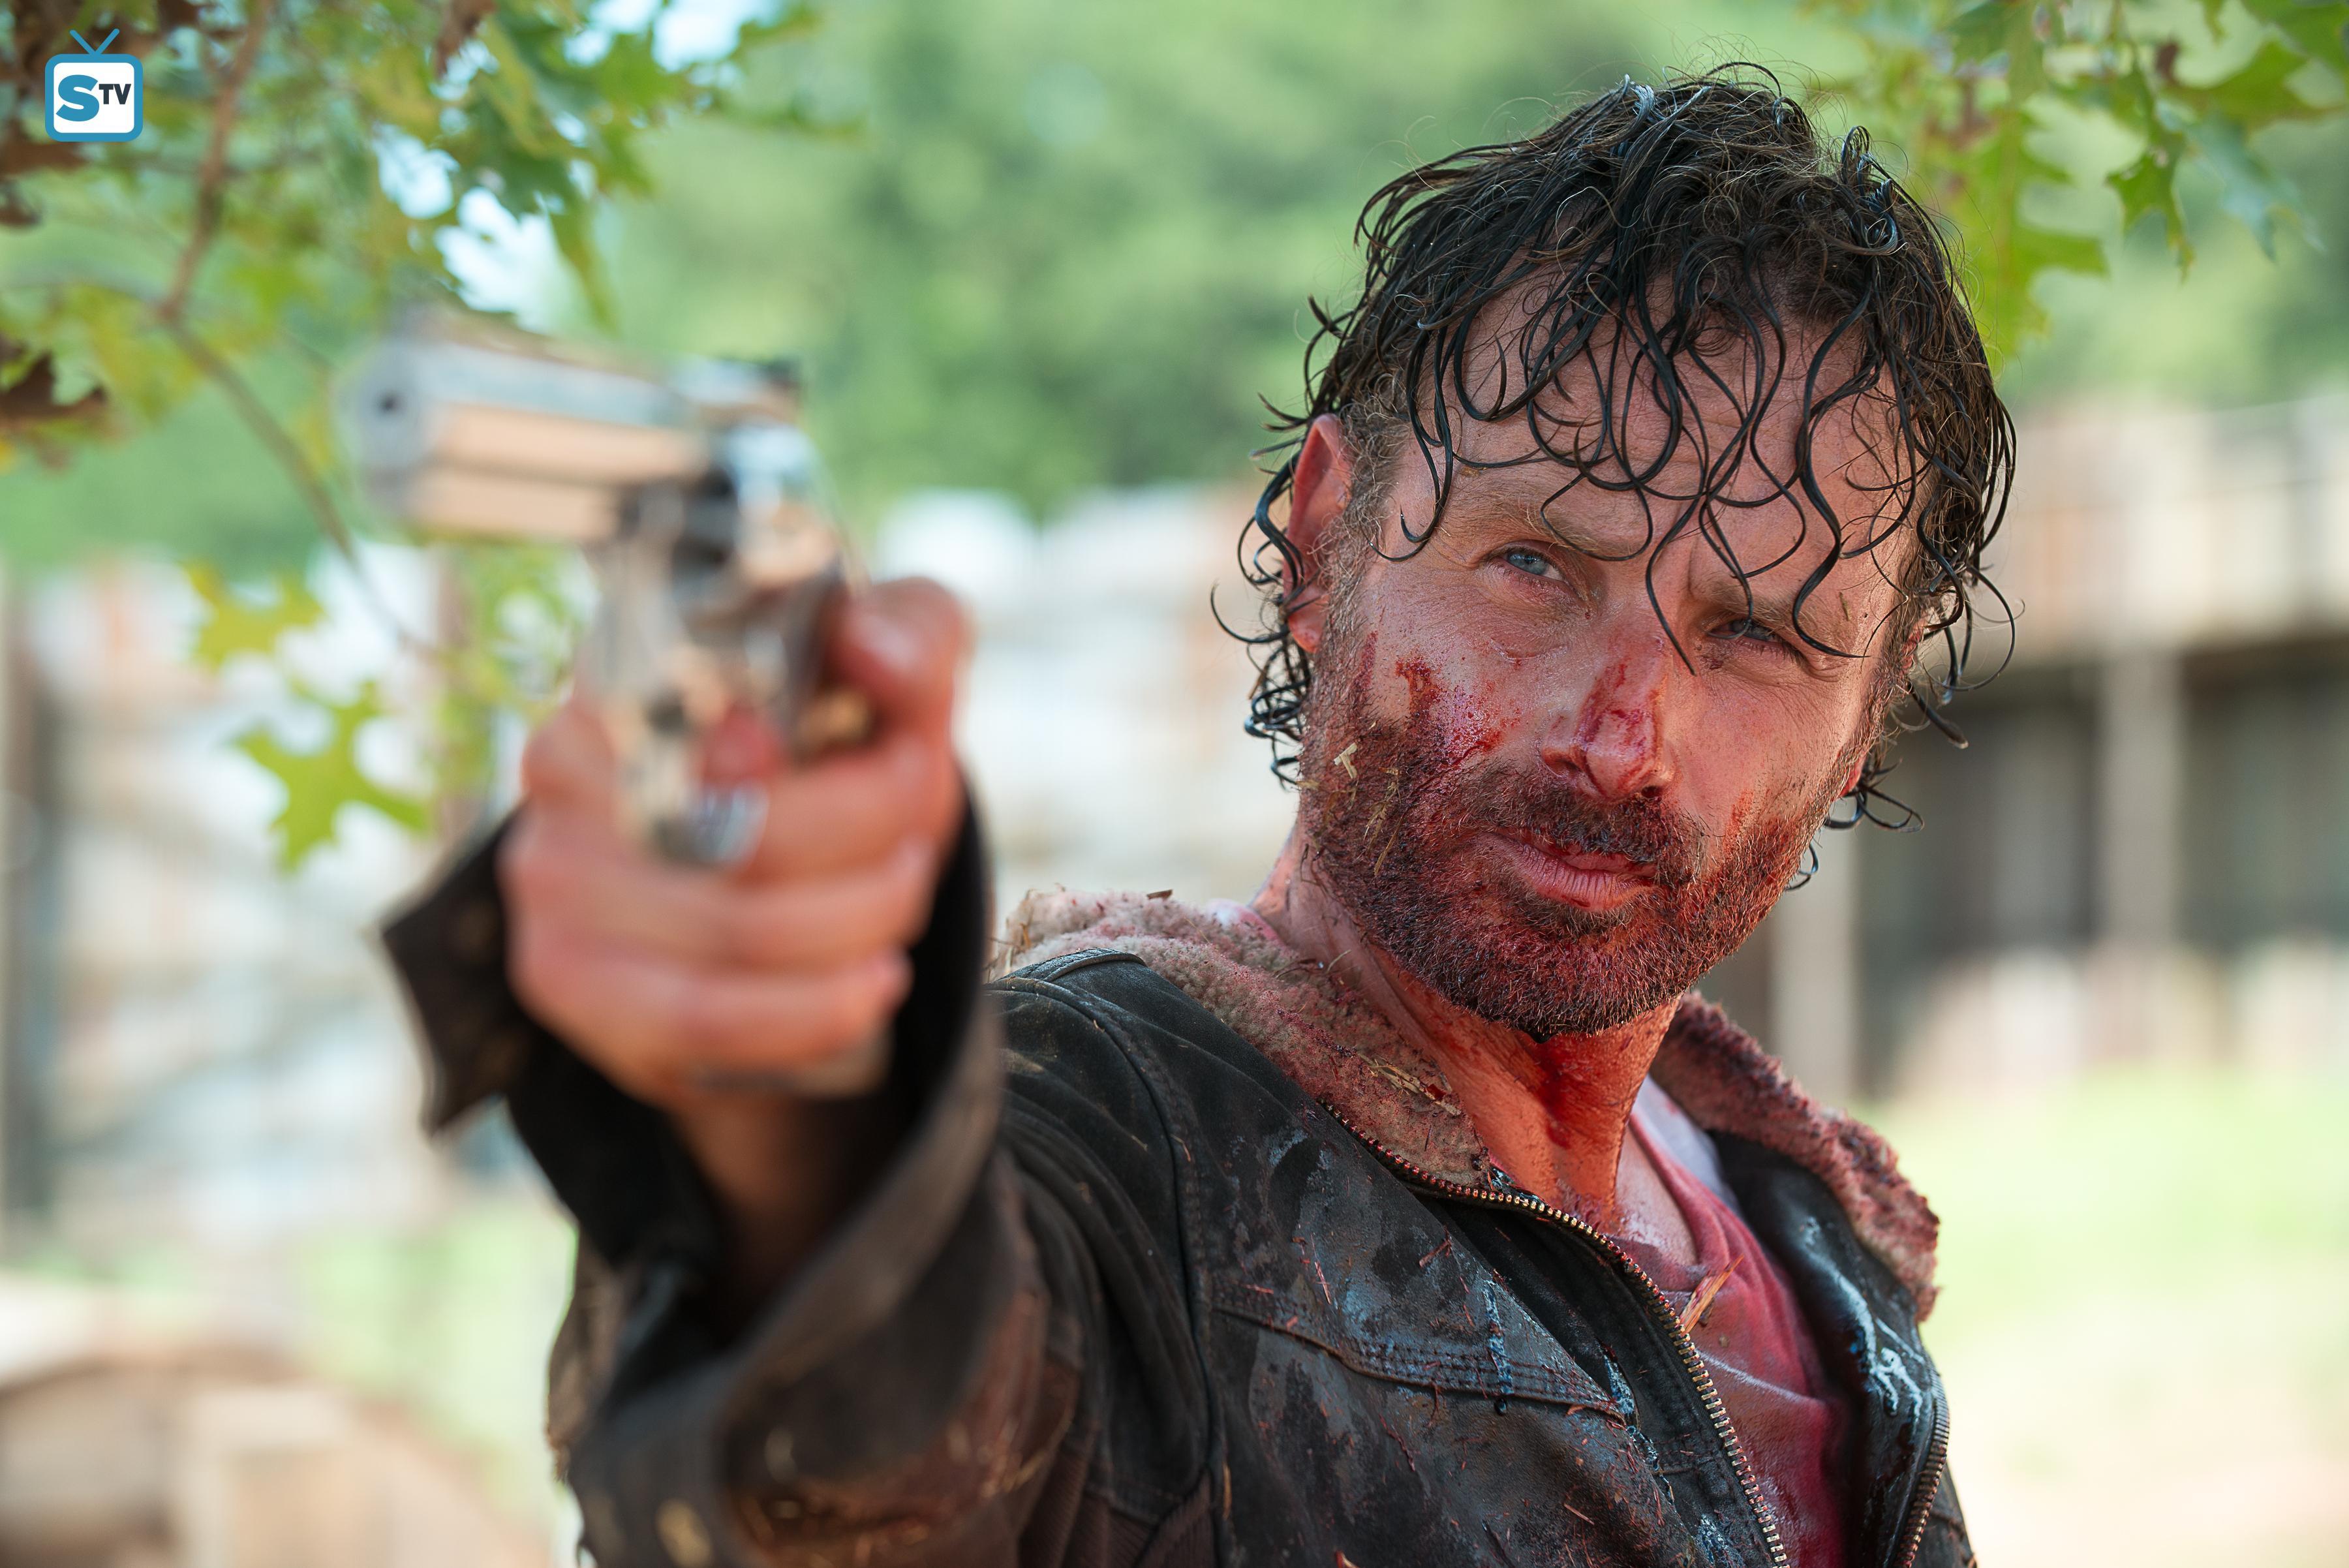 Rick perderá algo más que un amigo en el regreso de The Walking Dead